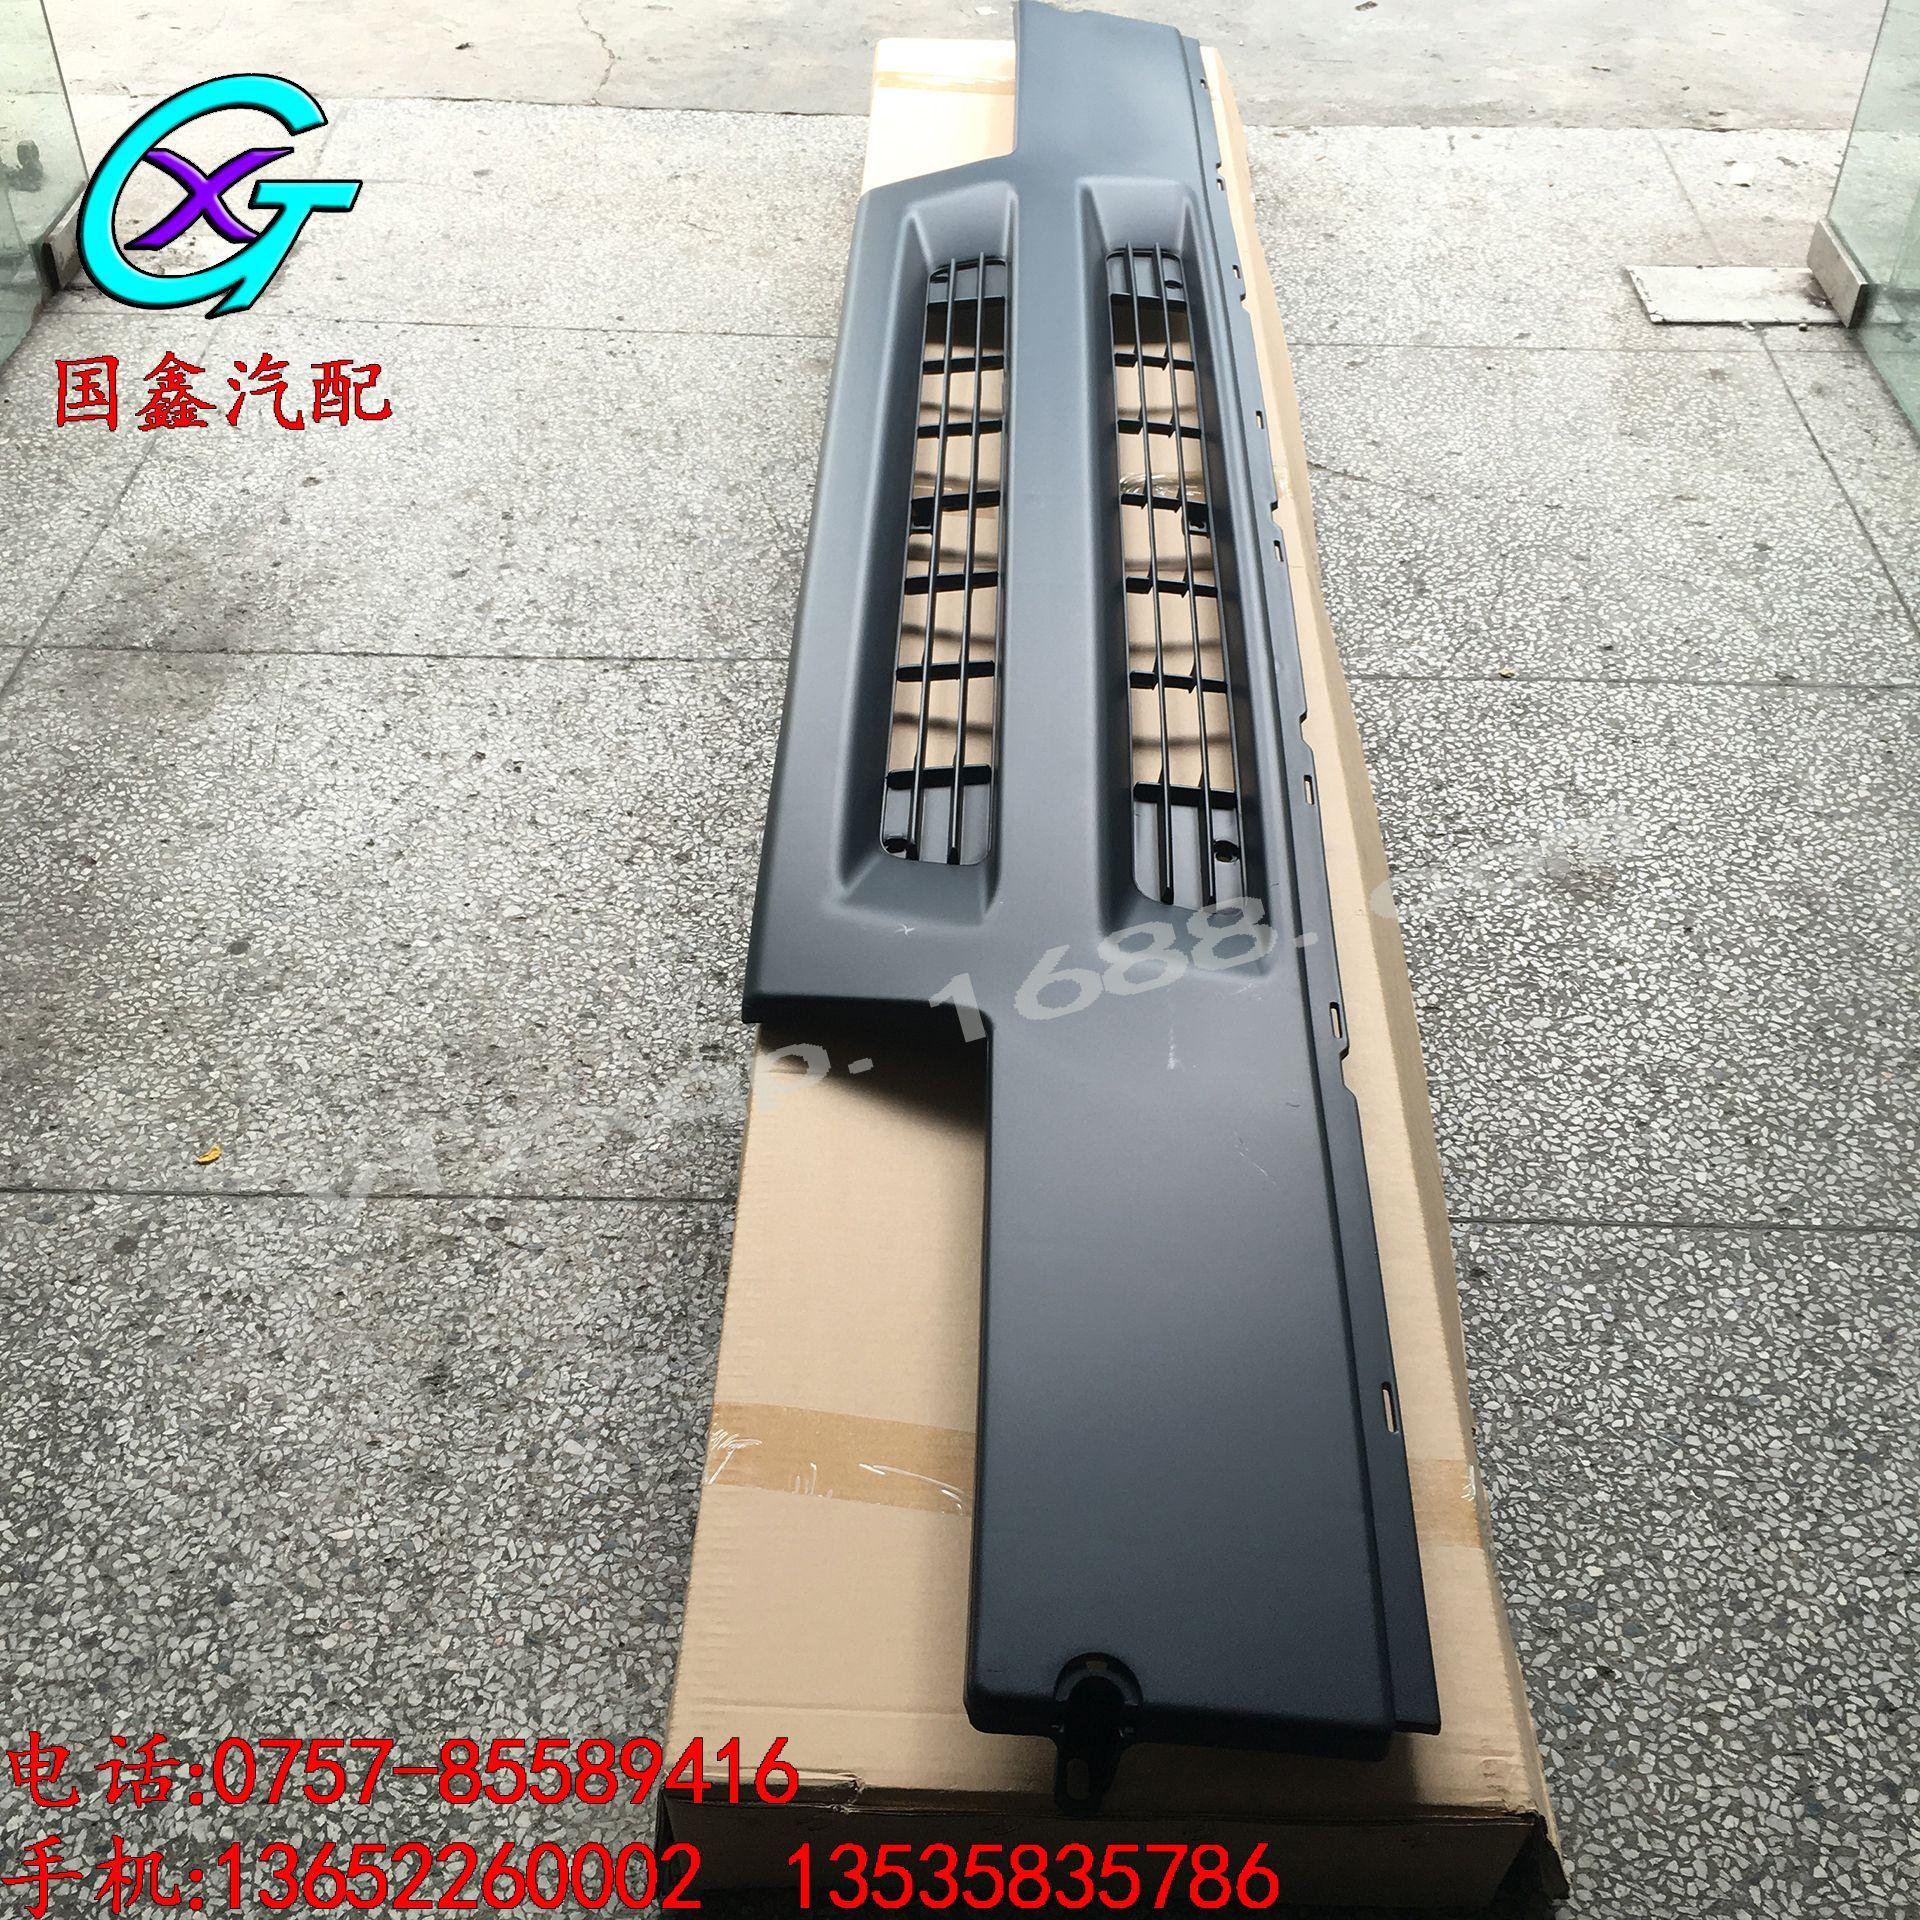 三菱FV418 FV419驾驶室中网 MC-933010 FUSO 车身附件